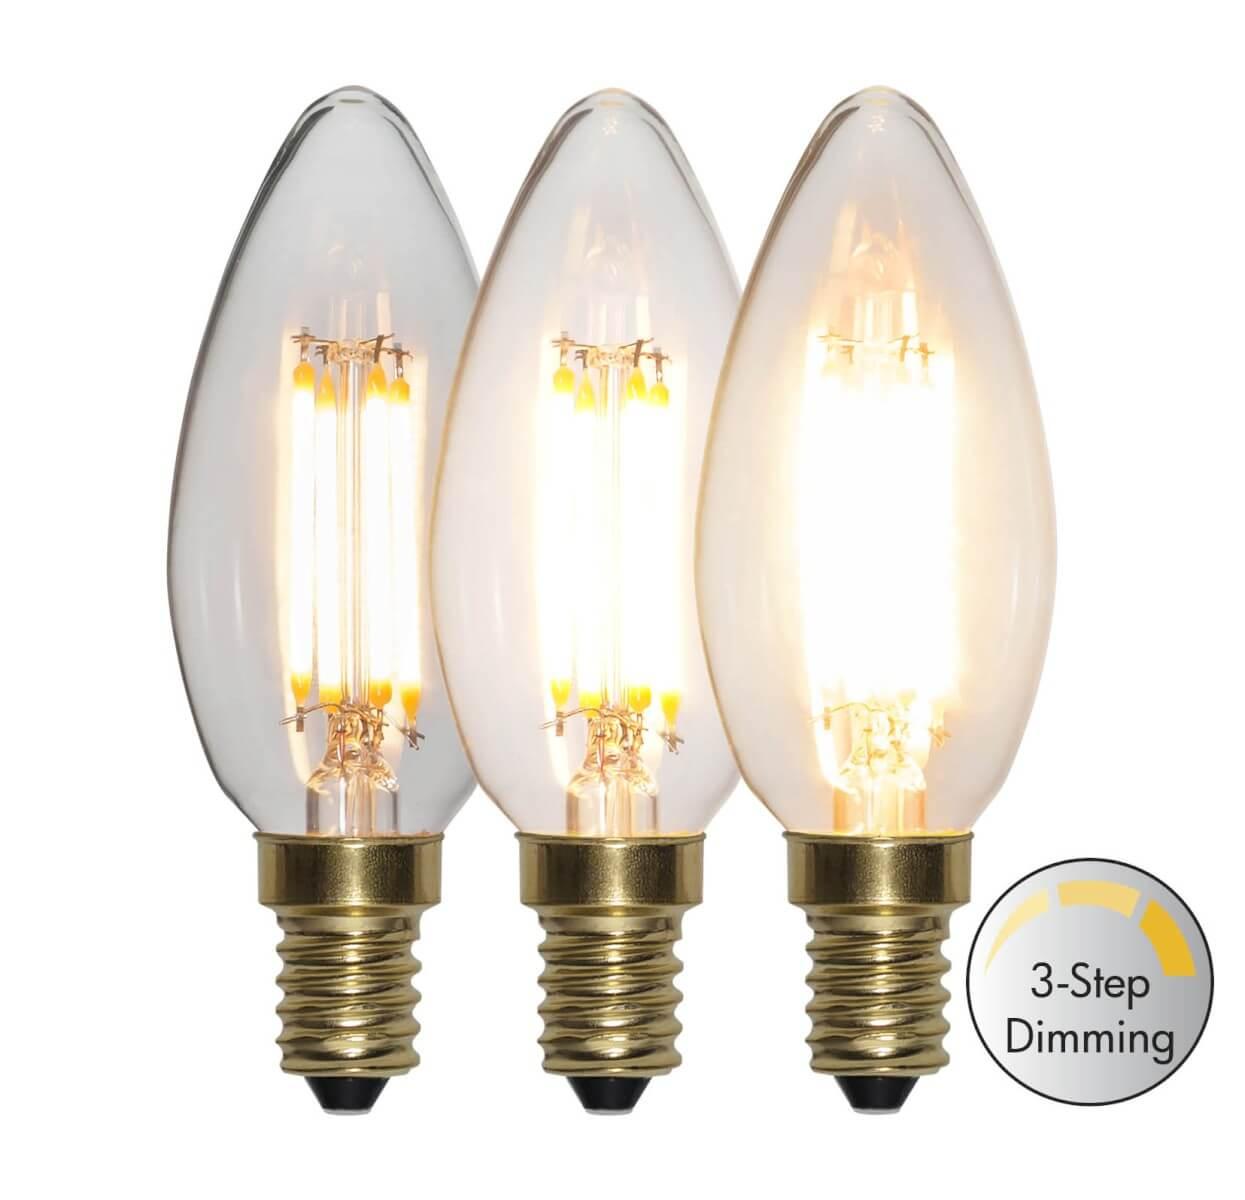 Välkända E14 Kronljus 3-stegs Dimmfunktion 4W 2100k 400lm LED-lampa - Star BB-97